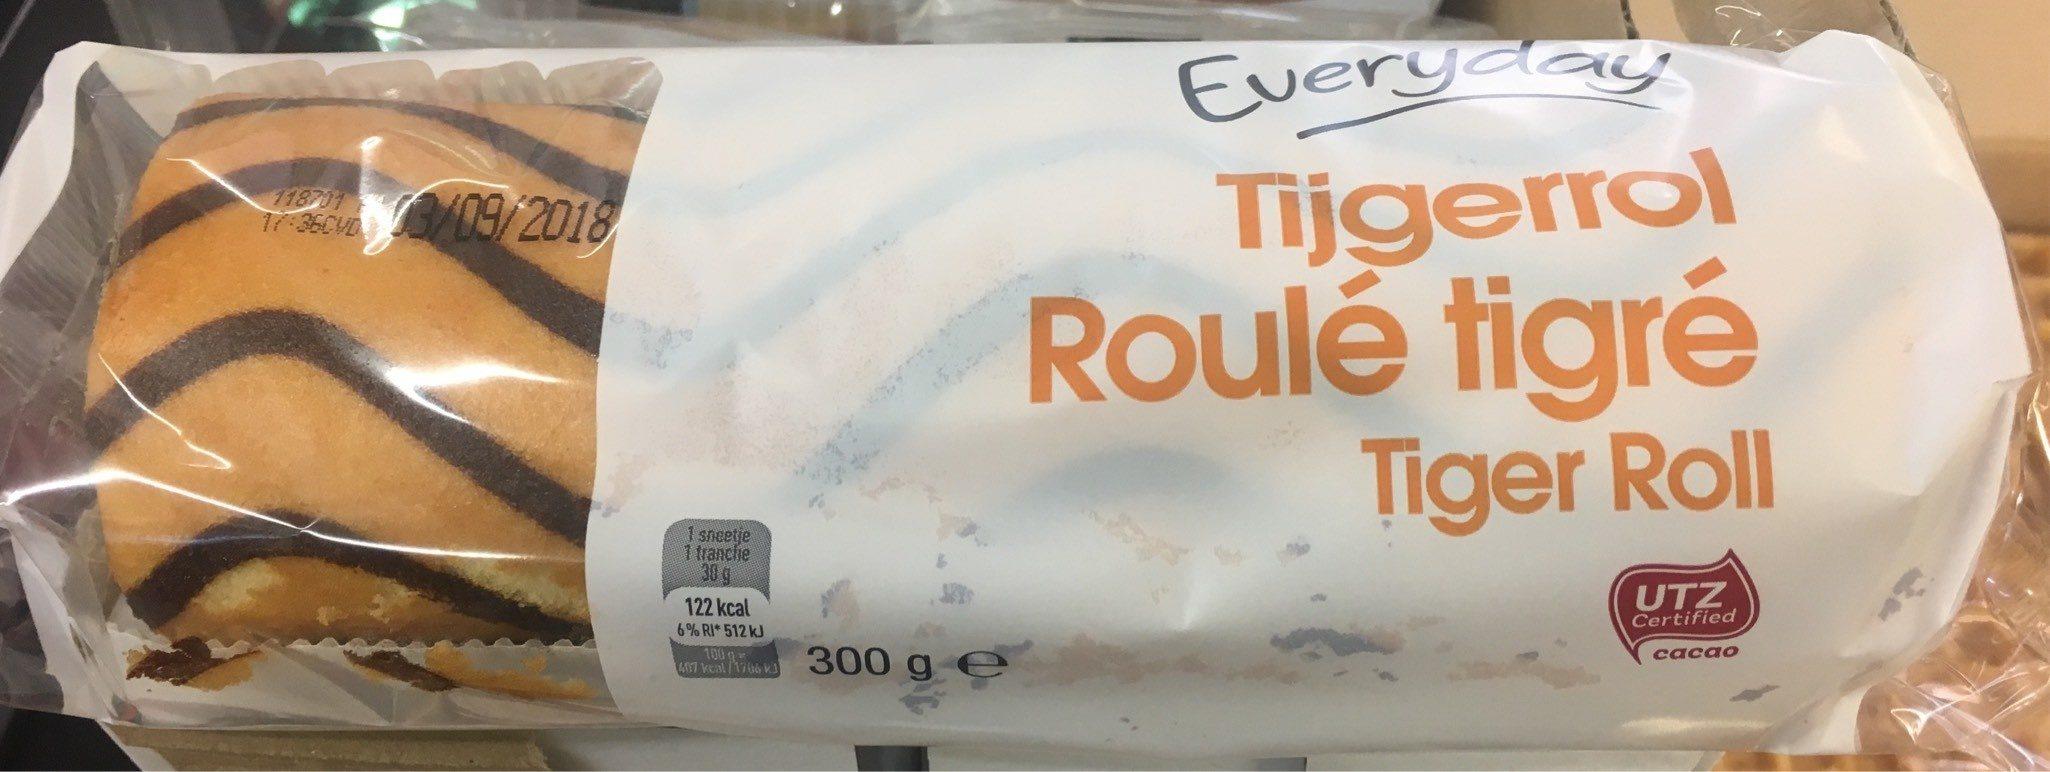 Tijgerrol - Product - fr